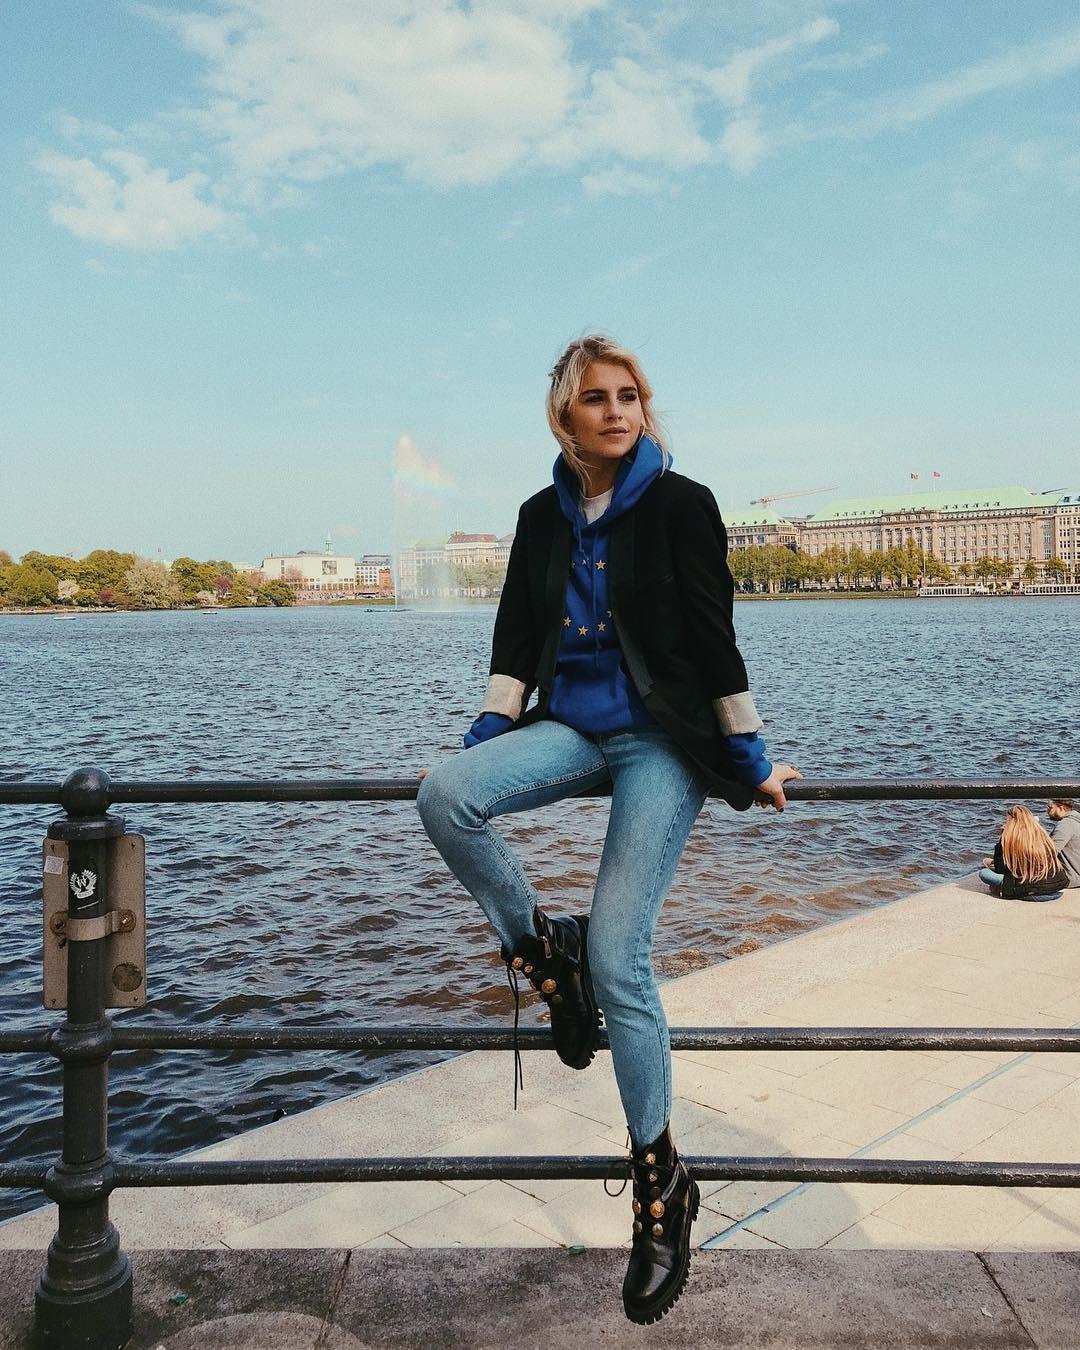 Узкие голубые джинсы, толстовка и шерстяное пальто сверху сразу скажут о тебе, как о настоящей моднице. Крутой образ дополнят ботинки со шнуровкой. Не удивляйся, если прохожий случайно сп...